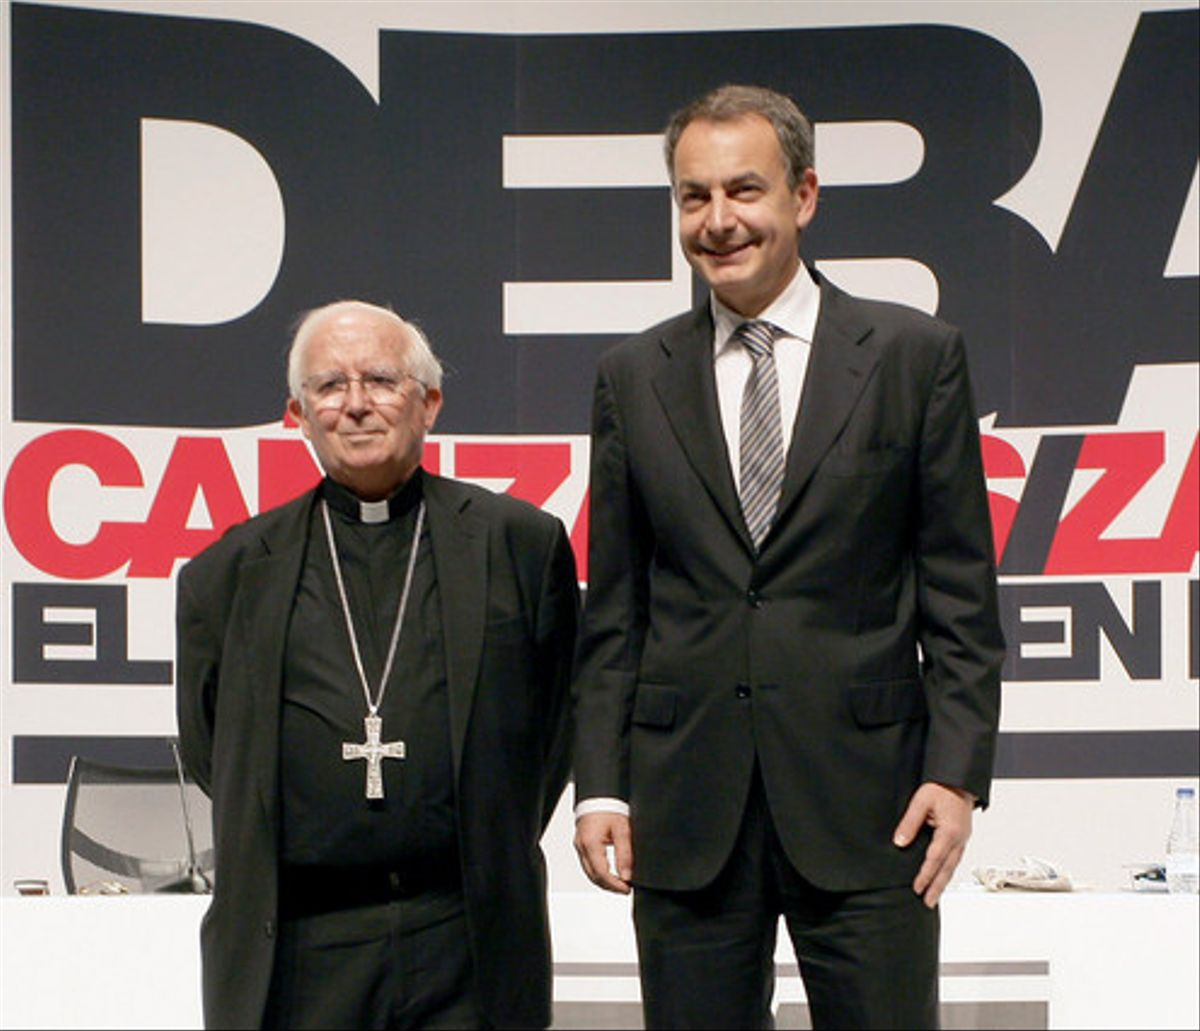 El portavoz del Govern, Francesc Homs, anuncia que Artur Mas no asisitirá a la manifestación independentista.